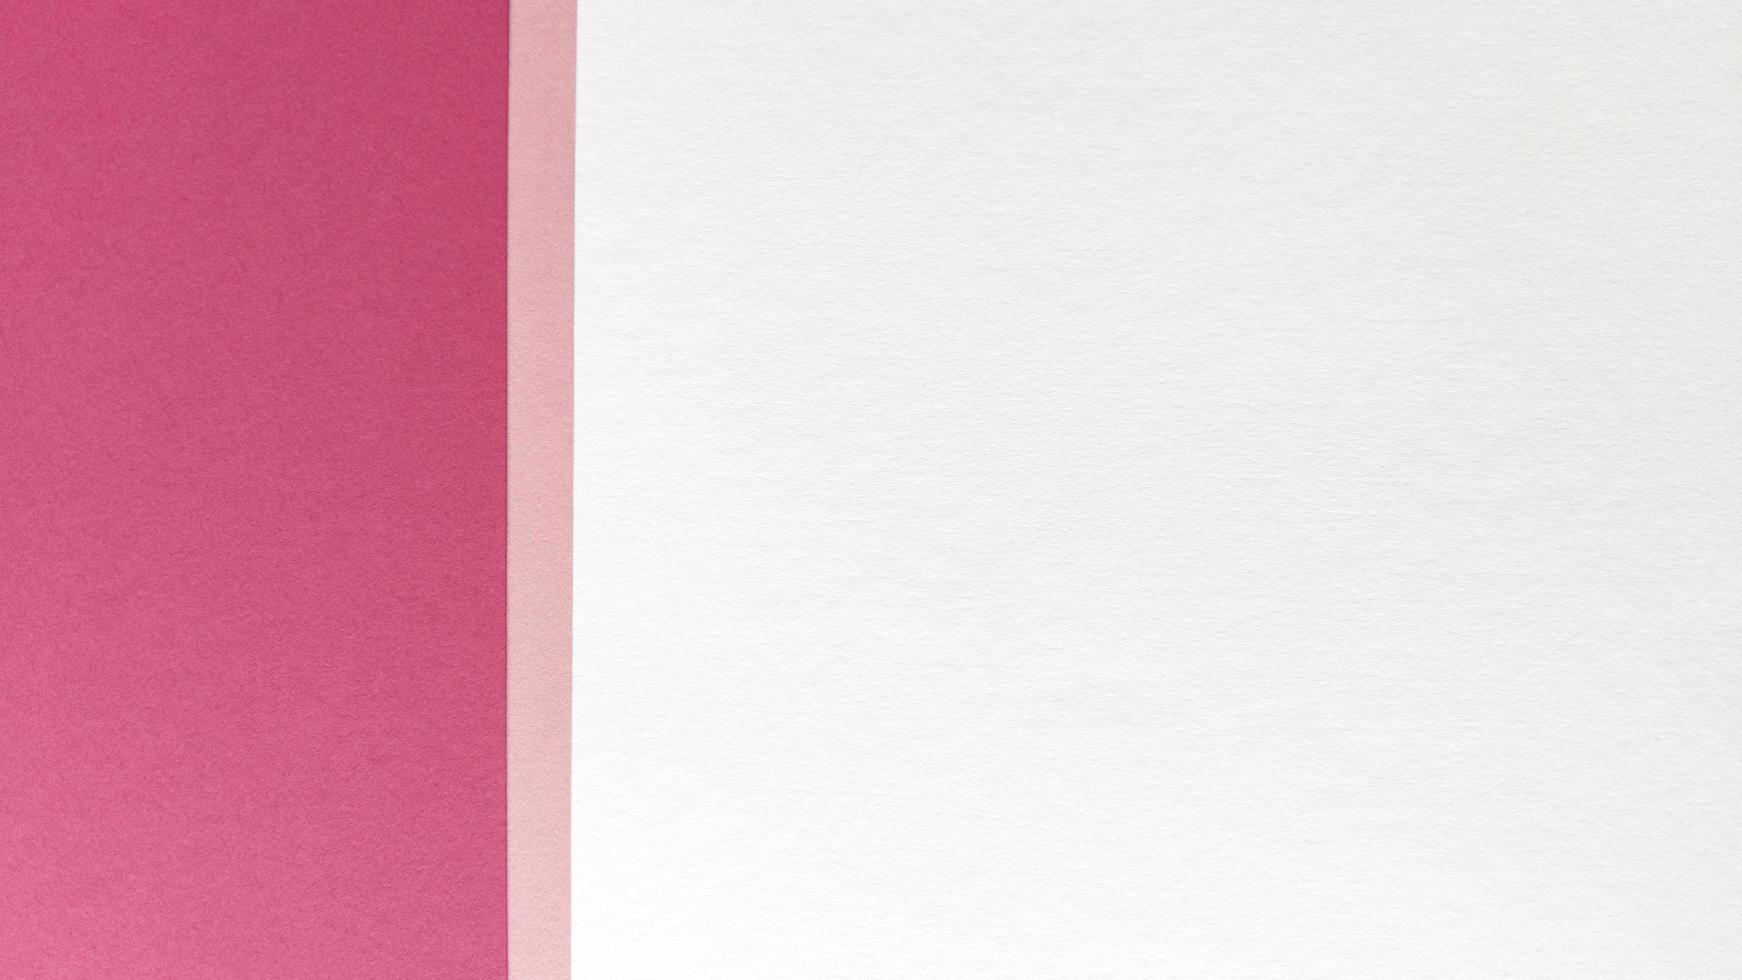 enkel platt låg med pastellstruktur. rosa och vitbok bakgrund. stock foto. foto